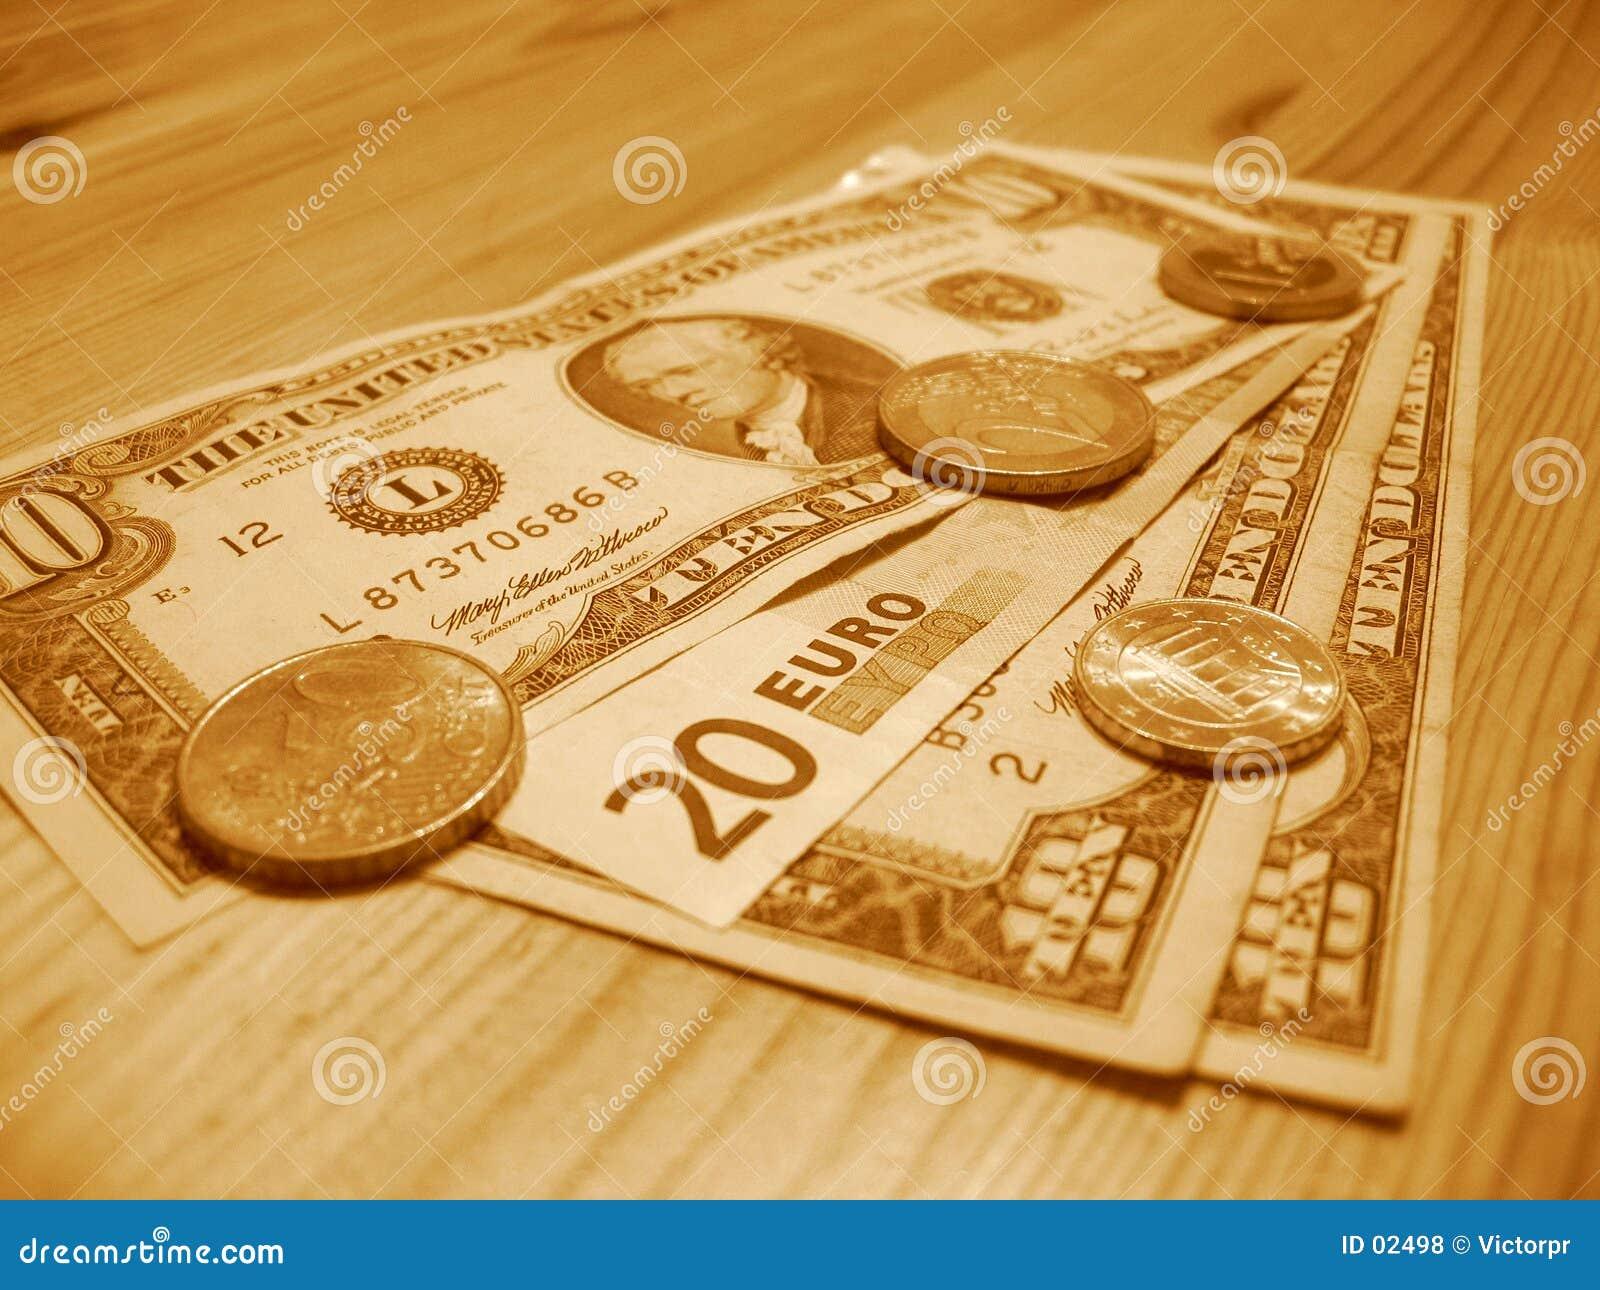 Amerykańskie pieniądze europejskie